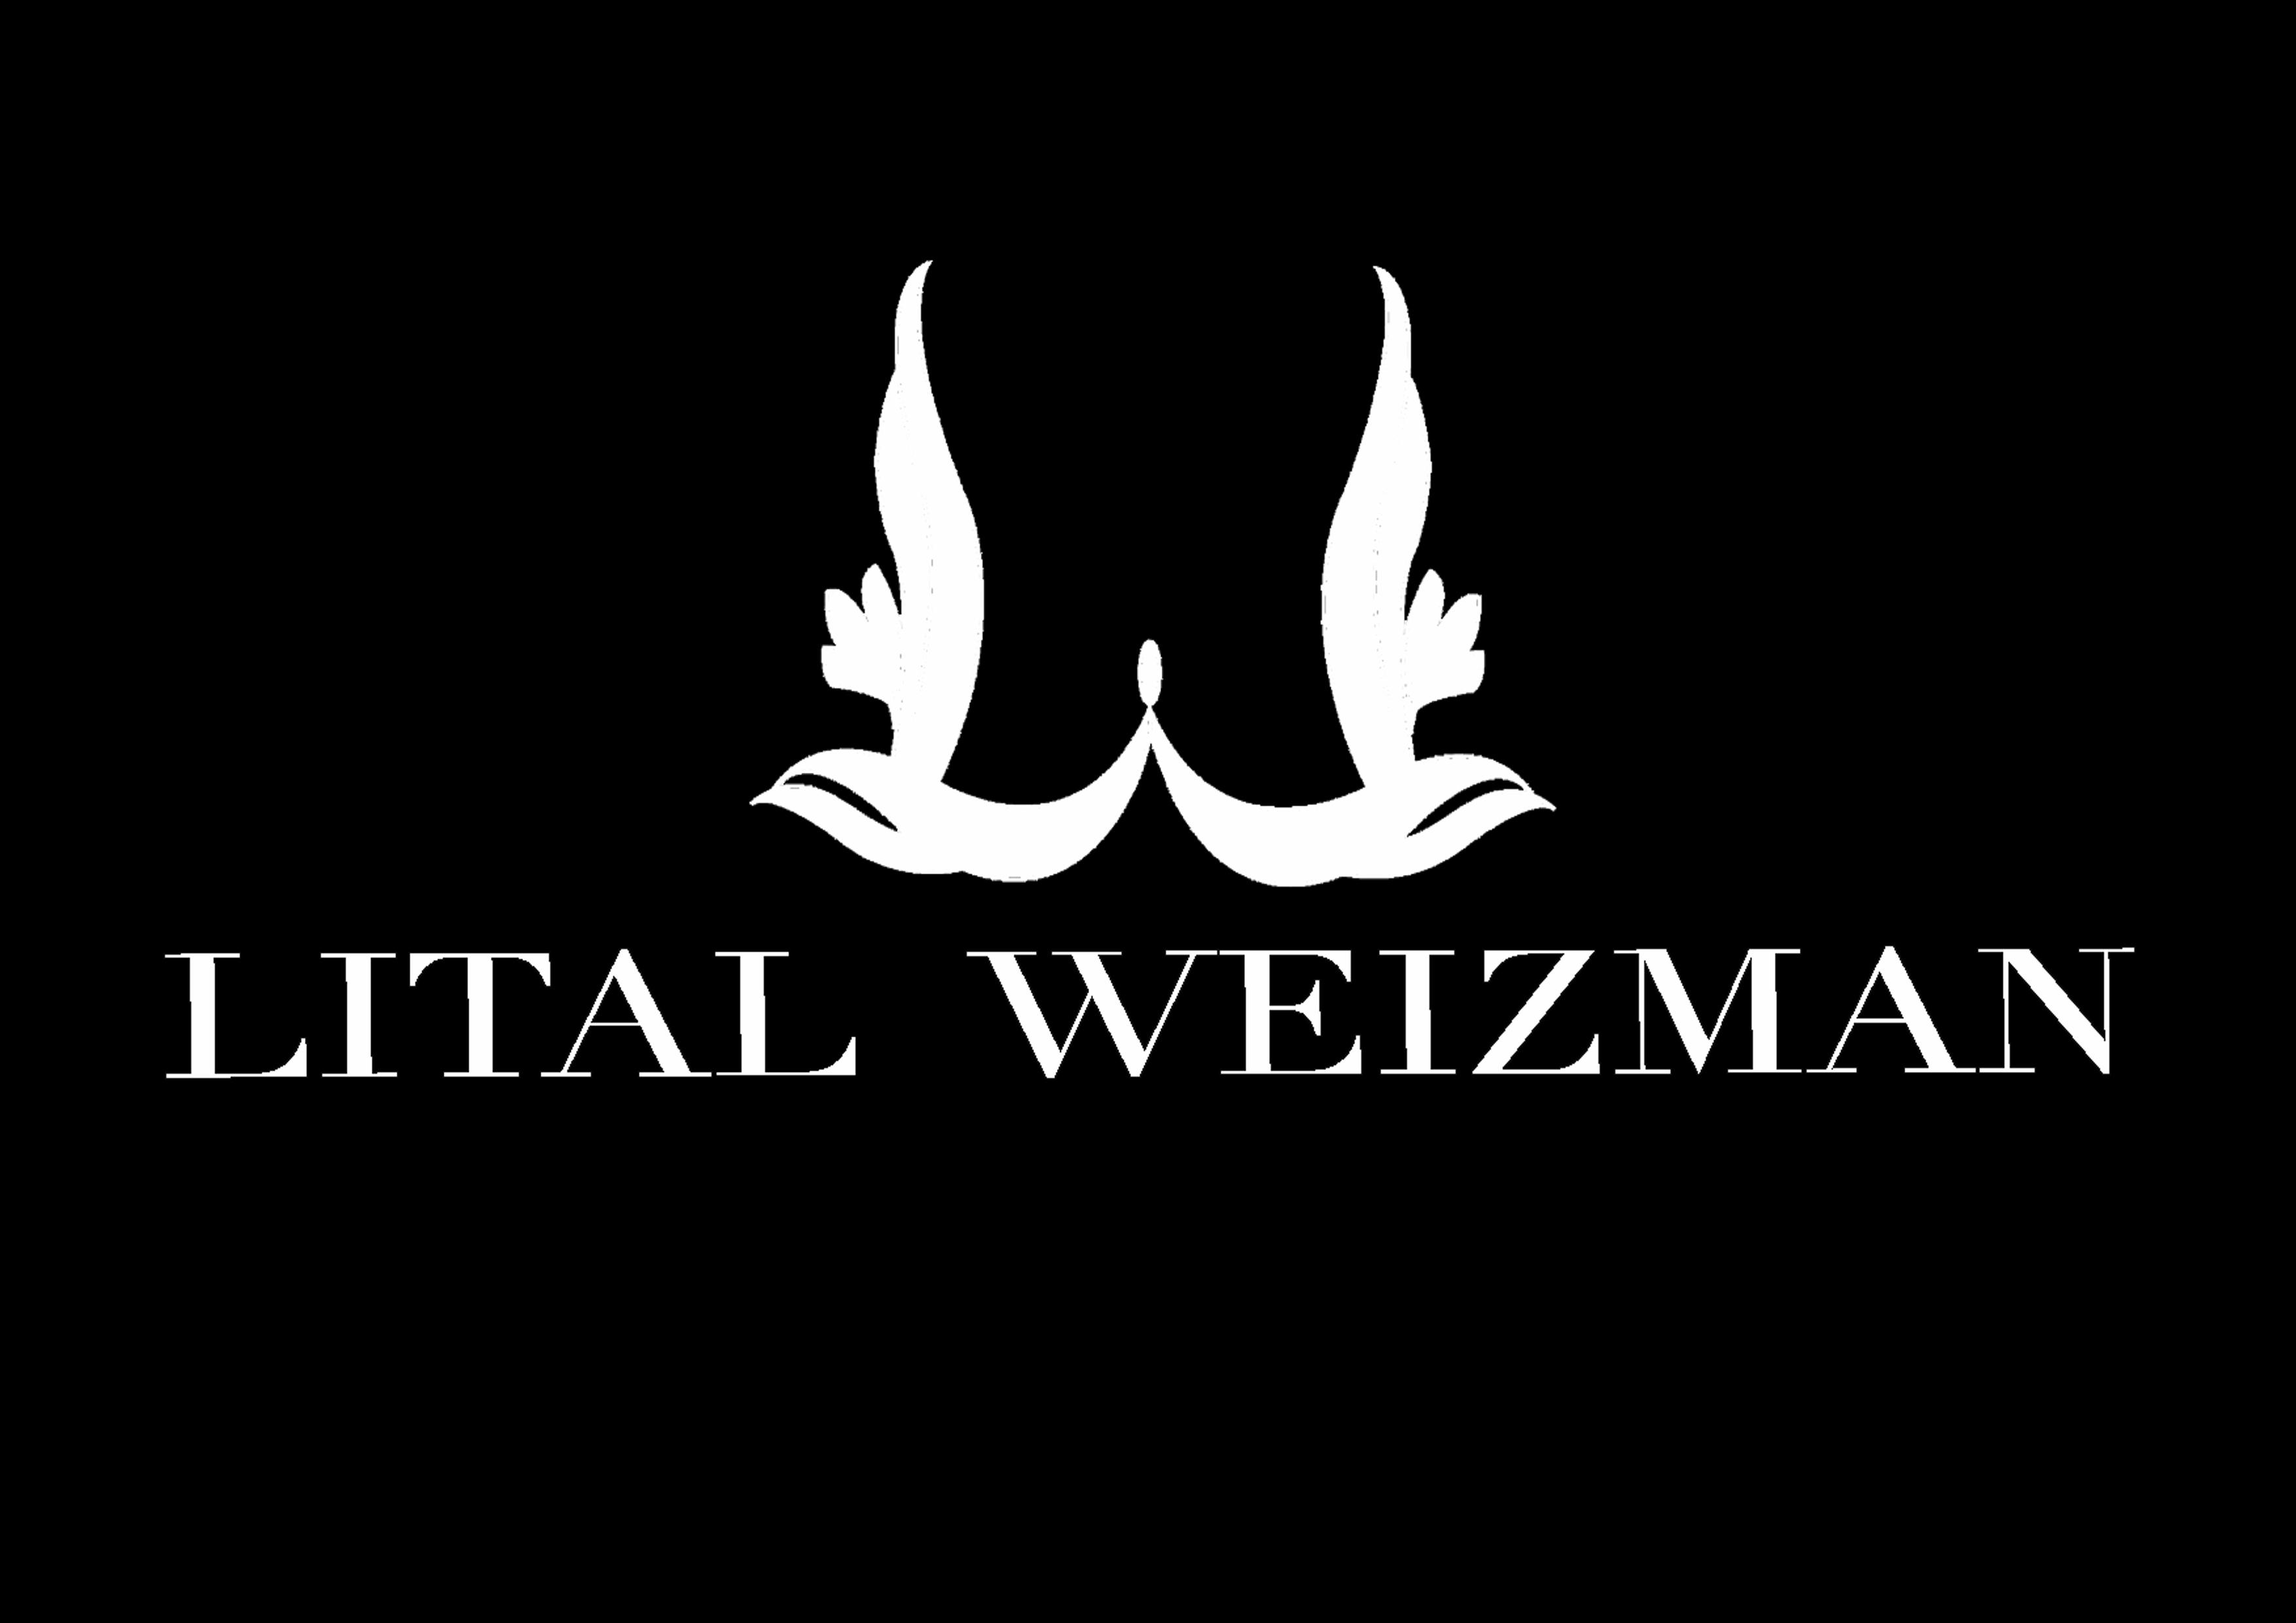 LITAL WEIZMAN